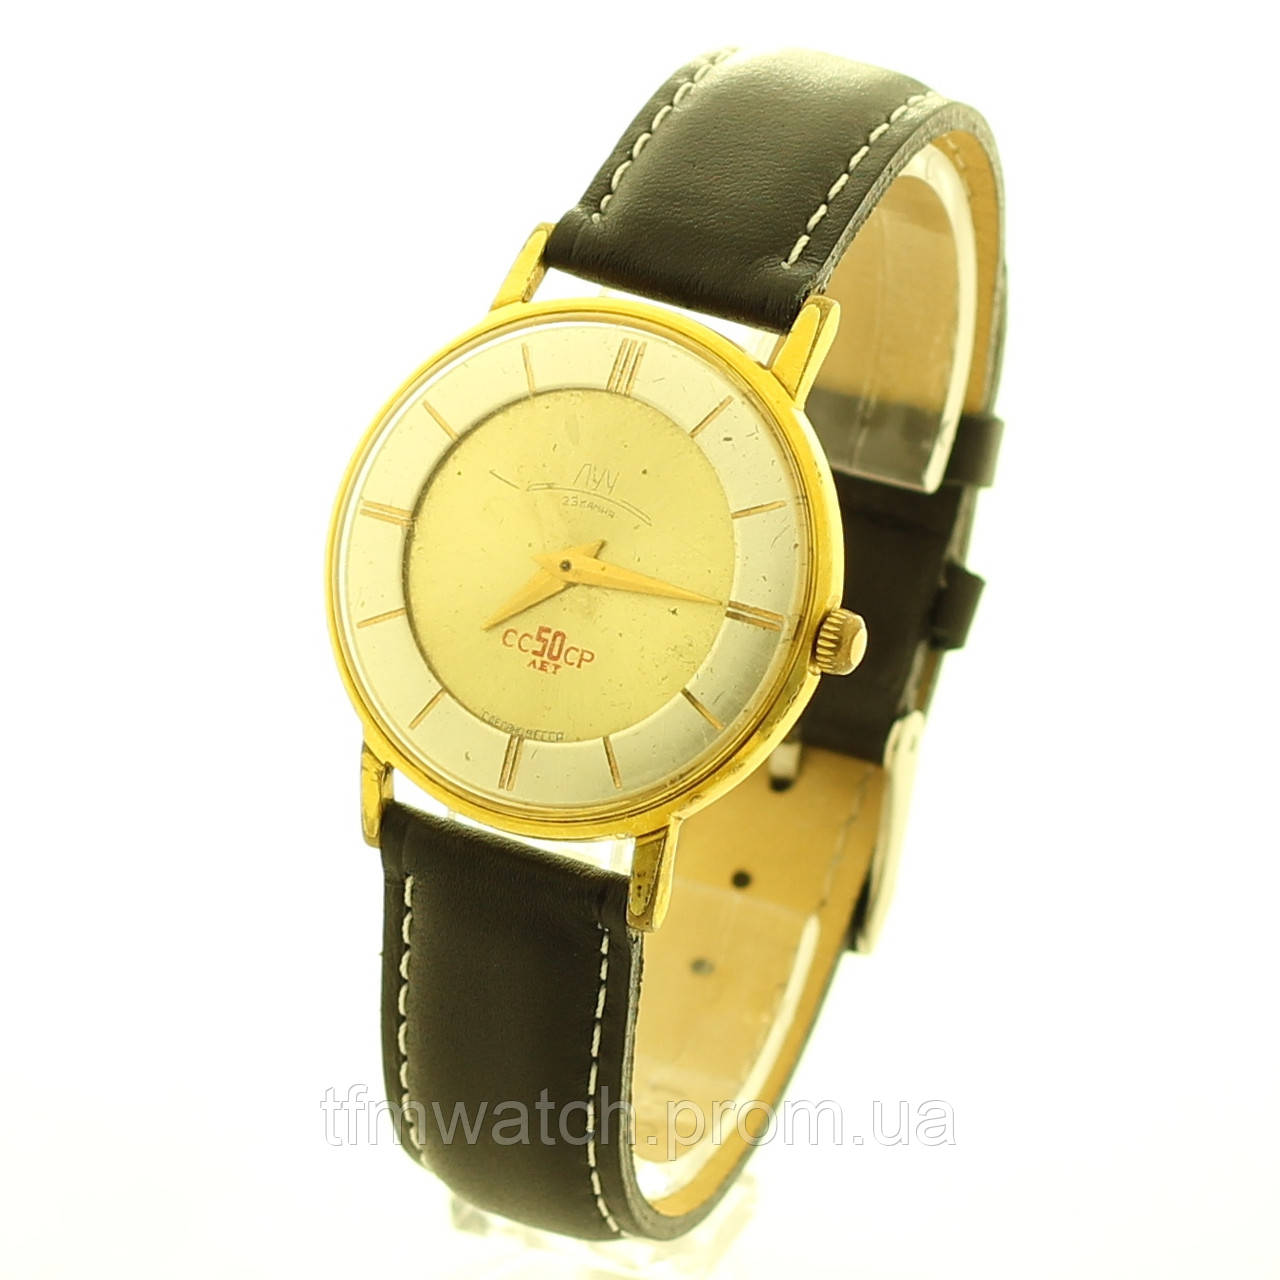 Ссср часов луч механических стоимость восток 17 камней стоимость часы